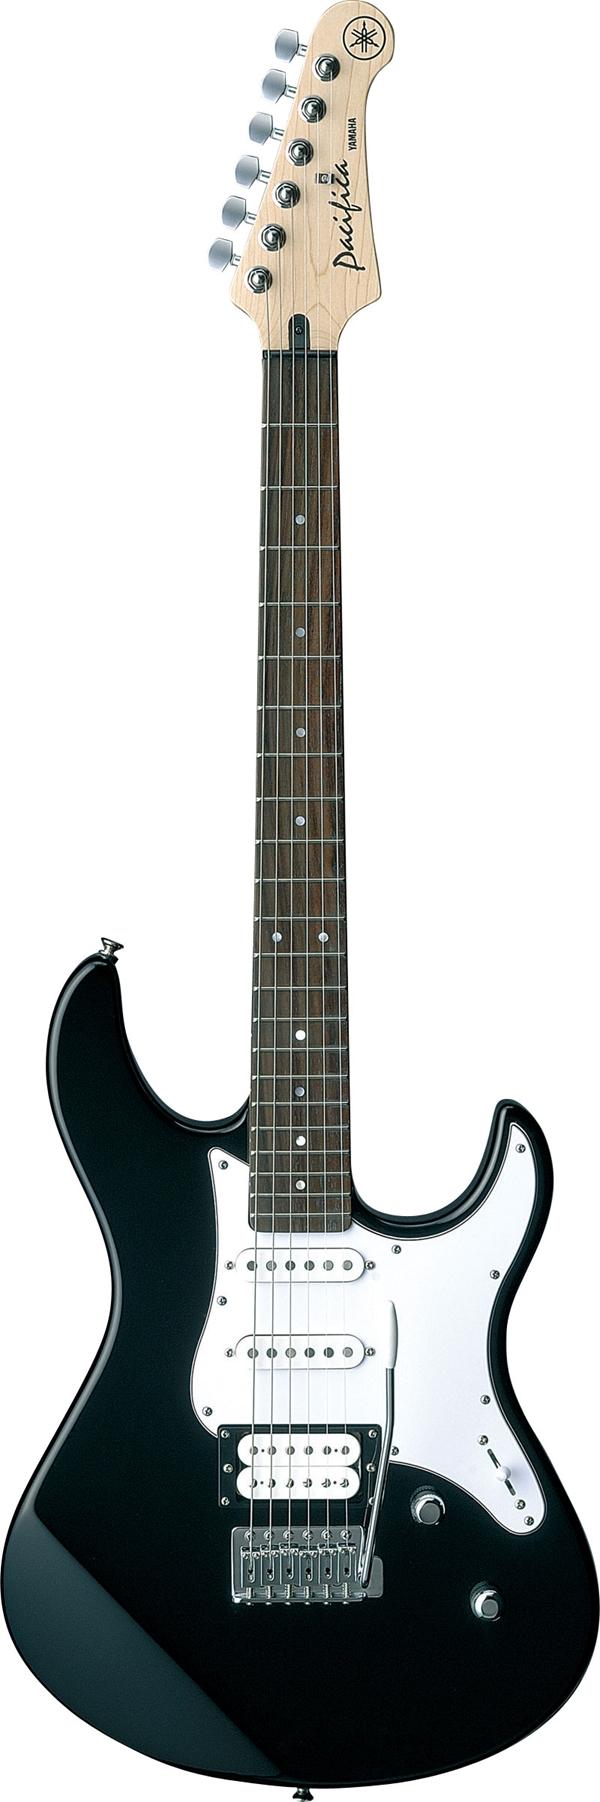 Đàn Electric guitar PACIFICA112V màu đen bóng